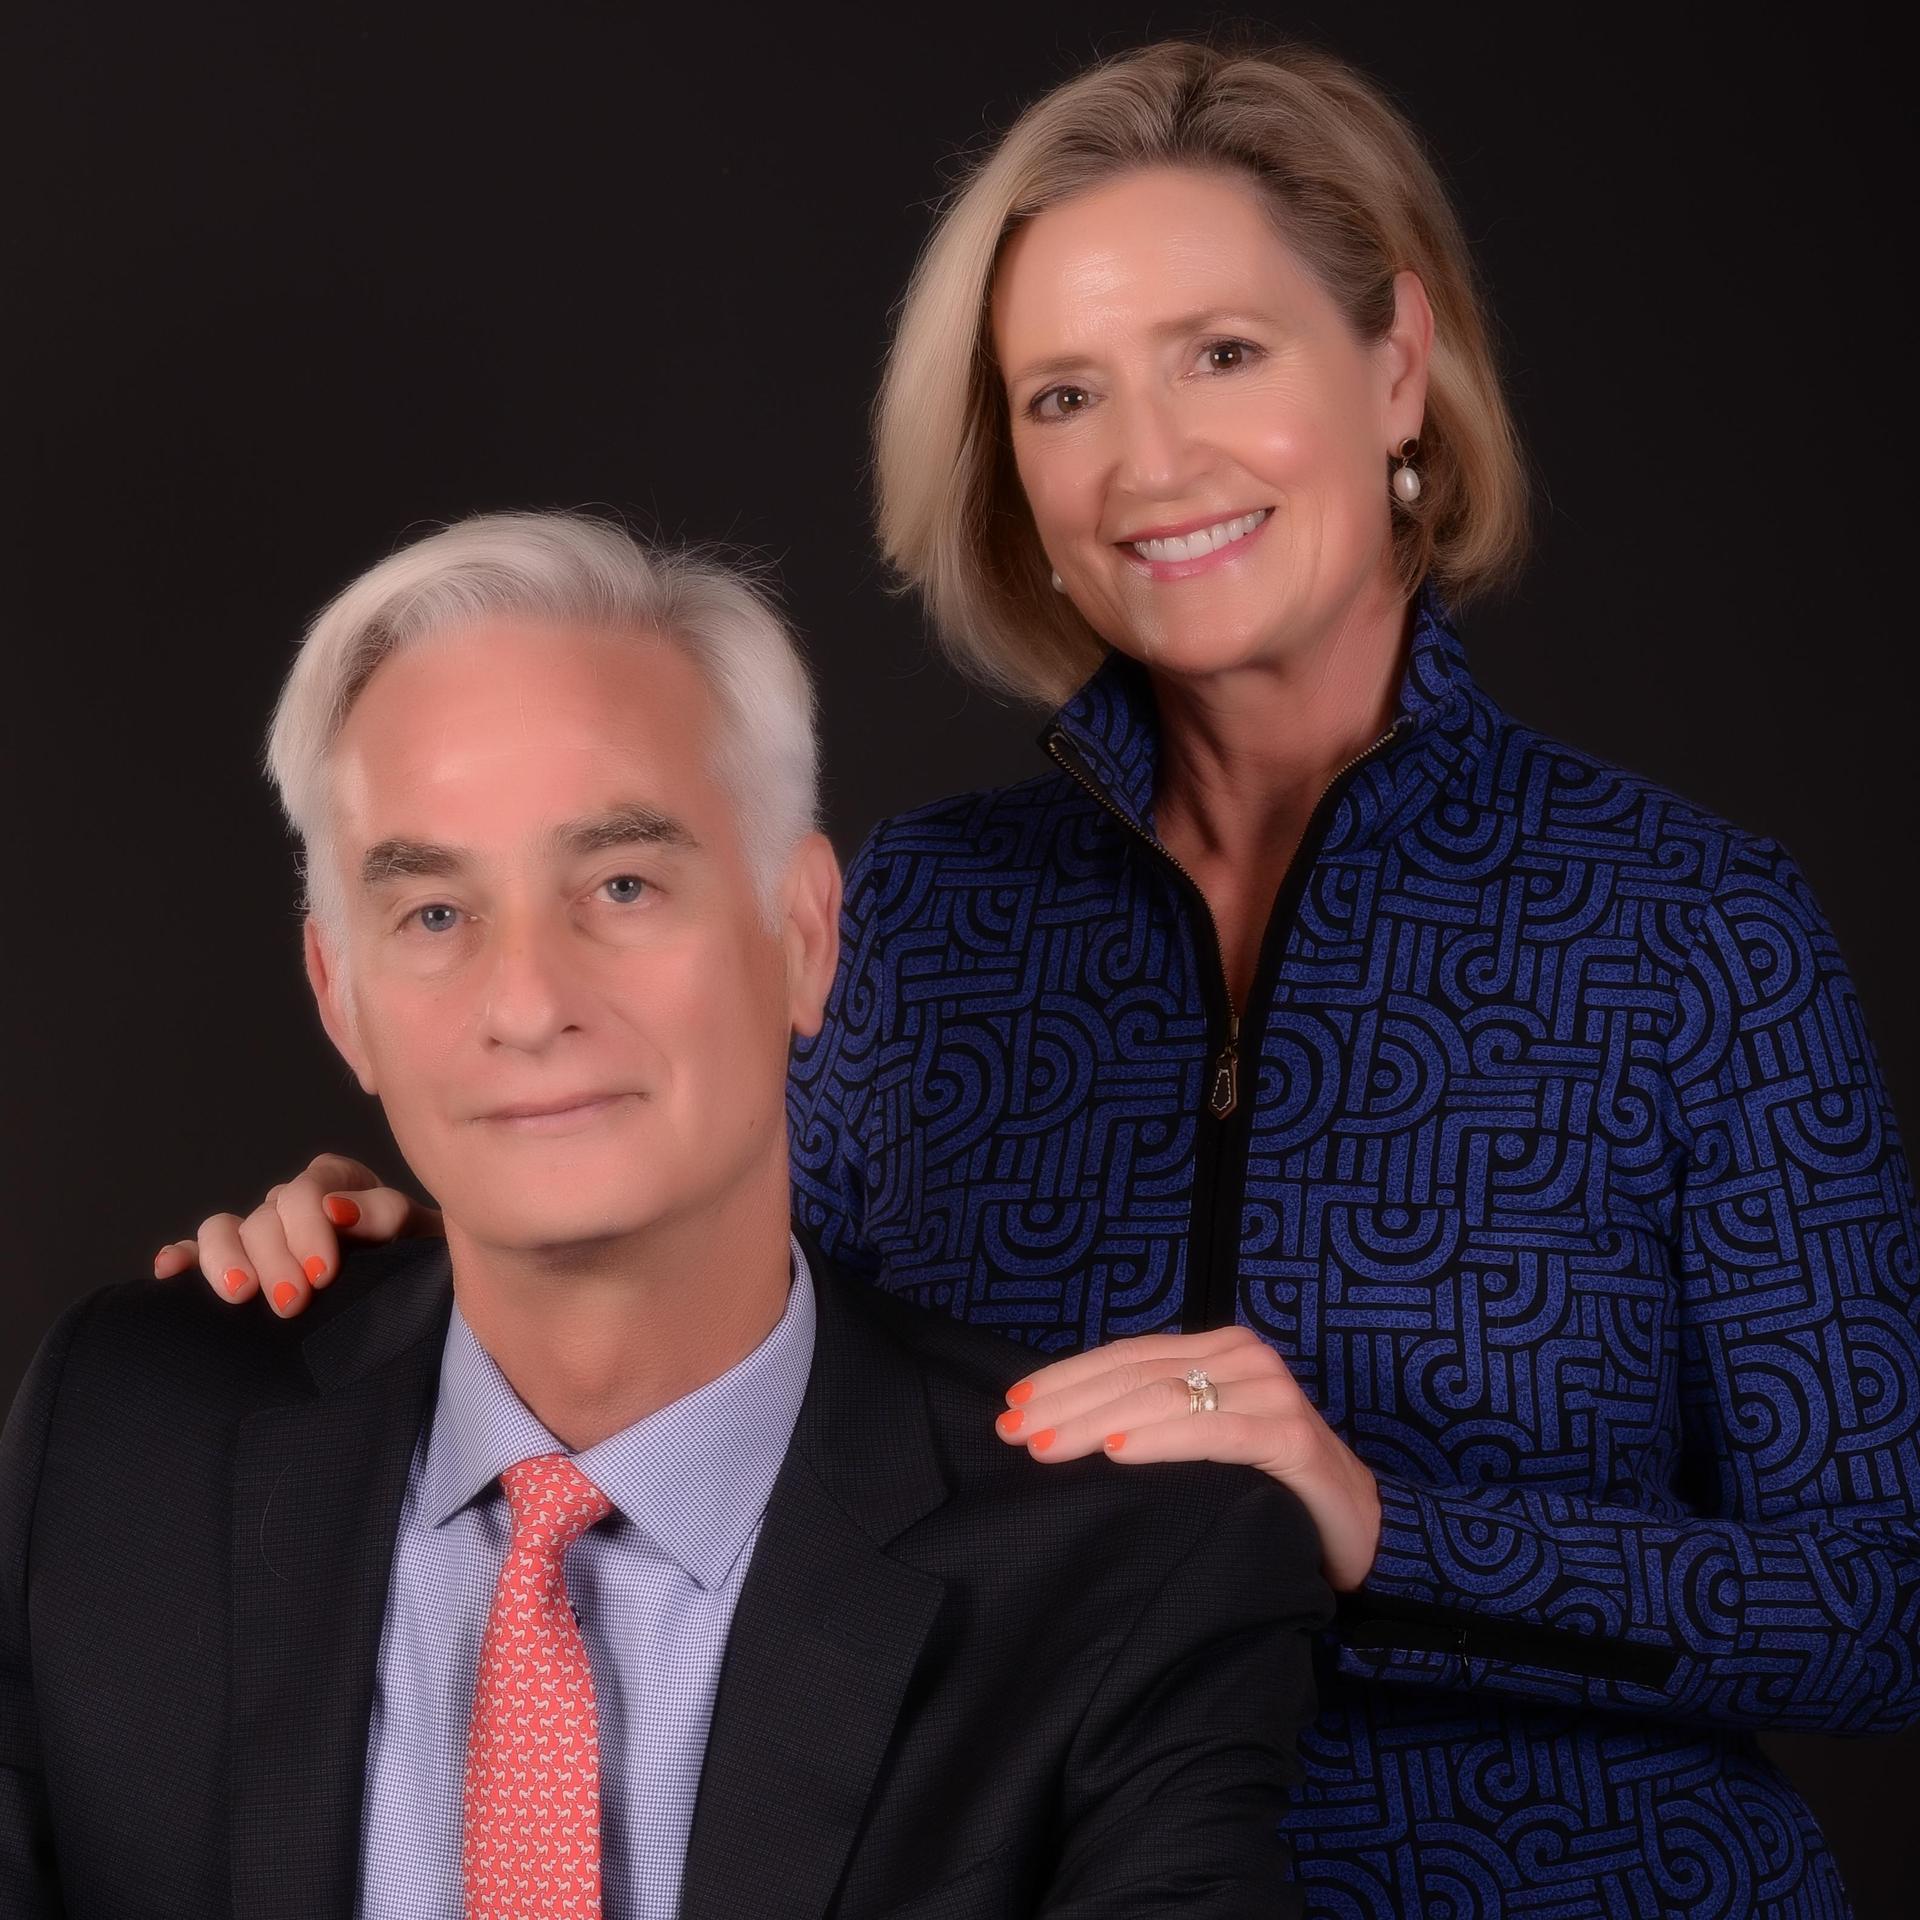 John and Cynthia Smet